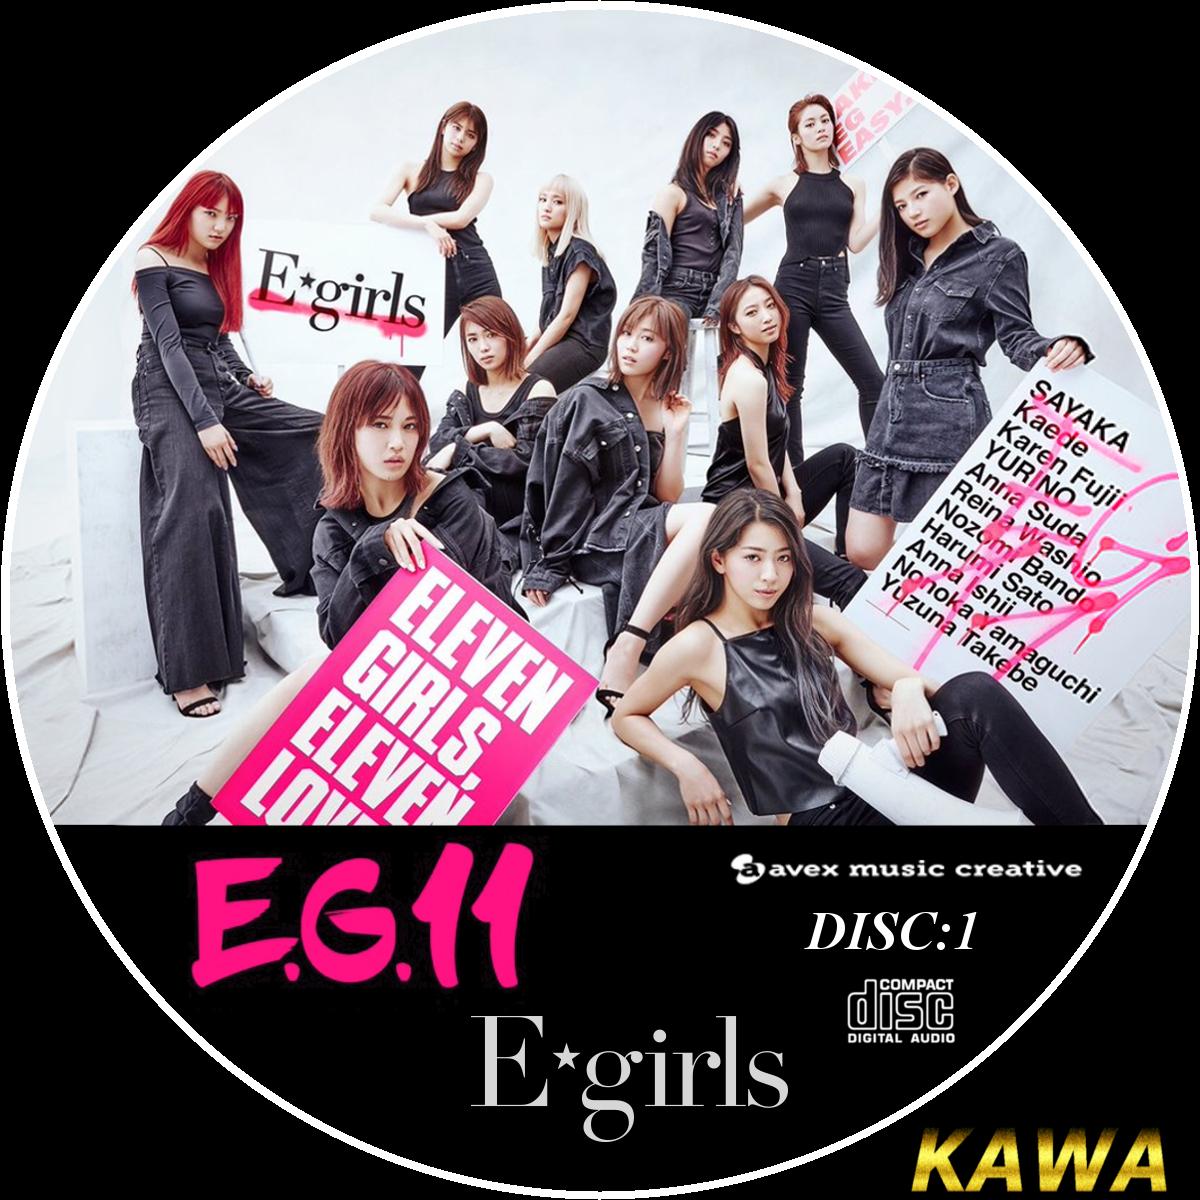 EG11cd1.jpg